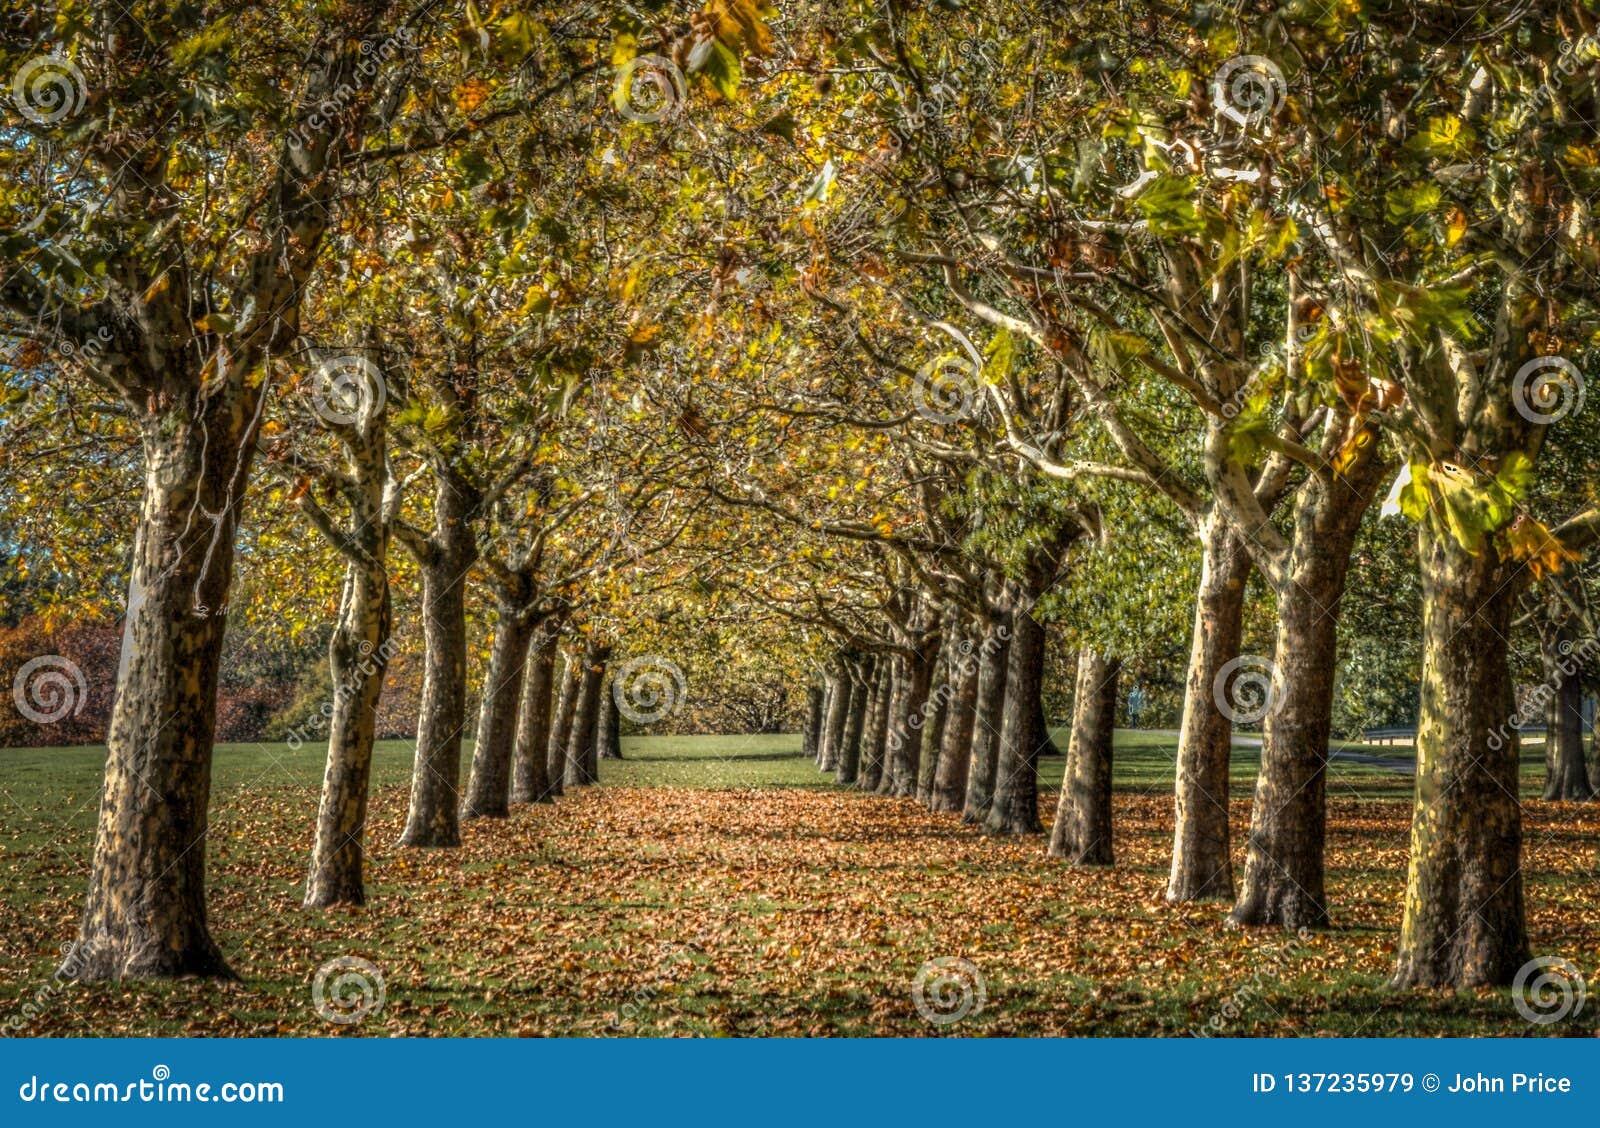 Arte abstracto de convergencia de los árboles del otoño